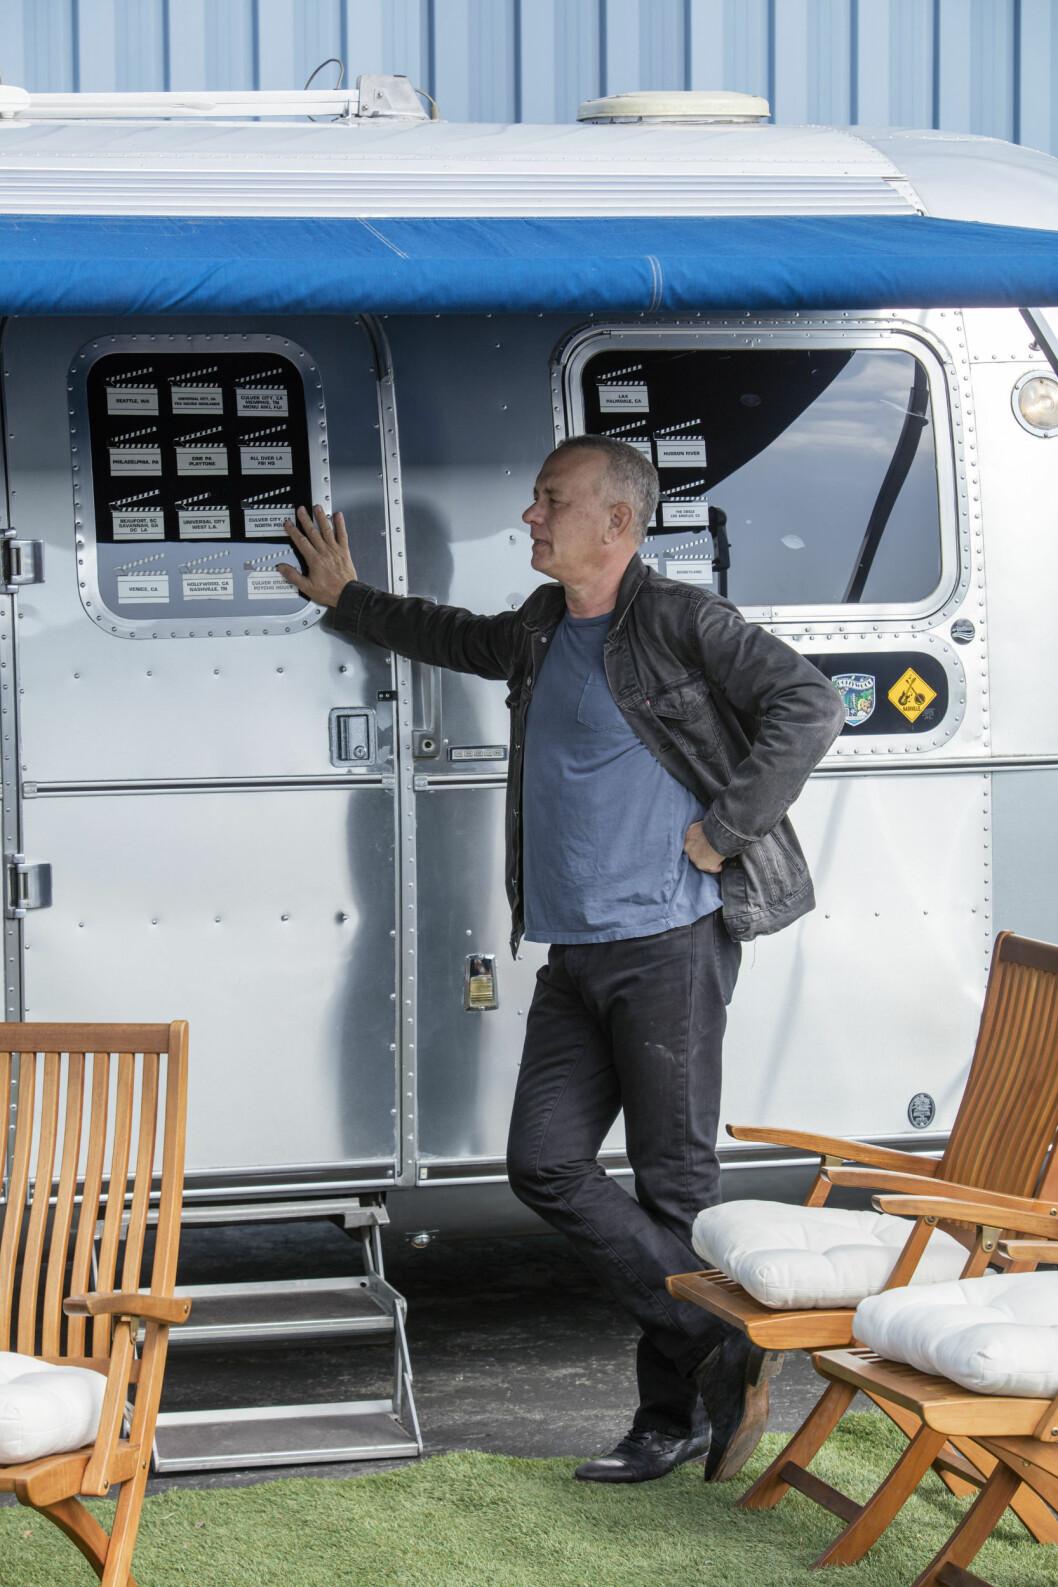 Tom Hanks säljer nu sin husvagn av modellen 1992 Airline.